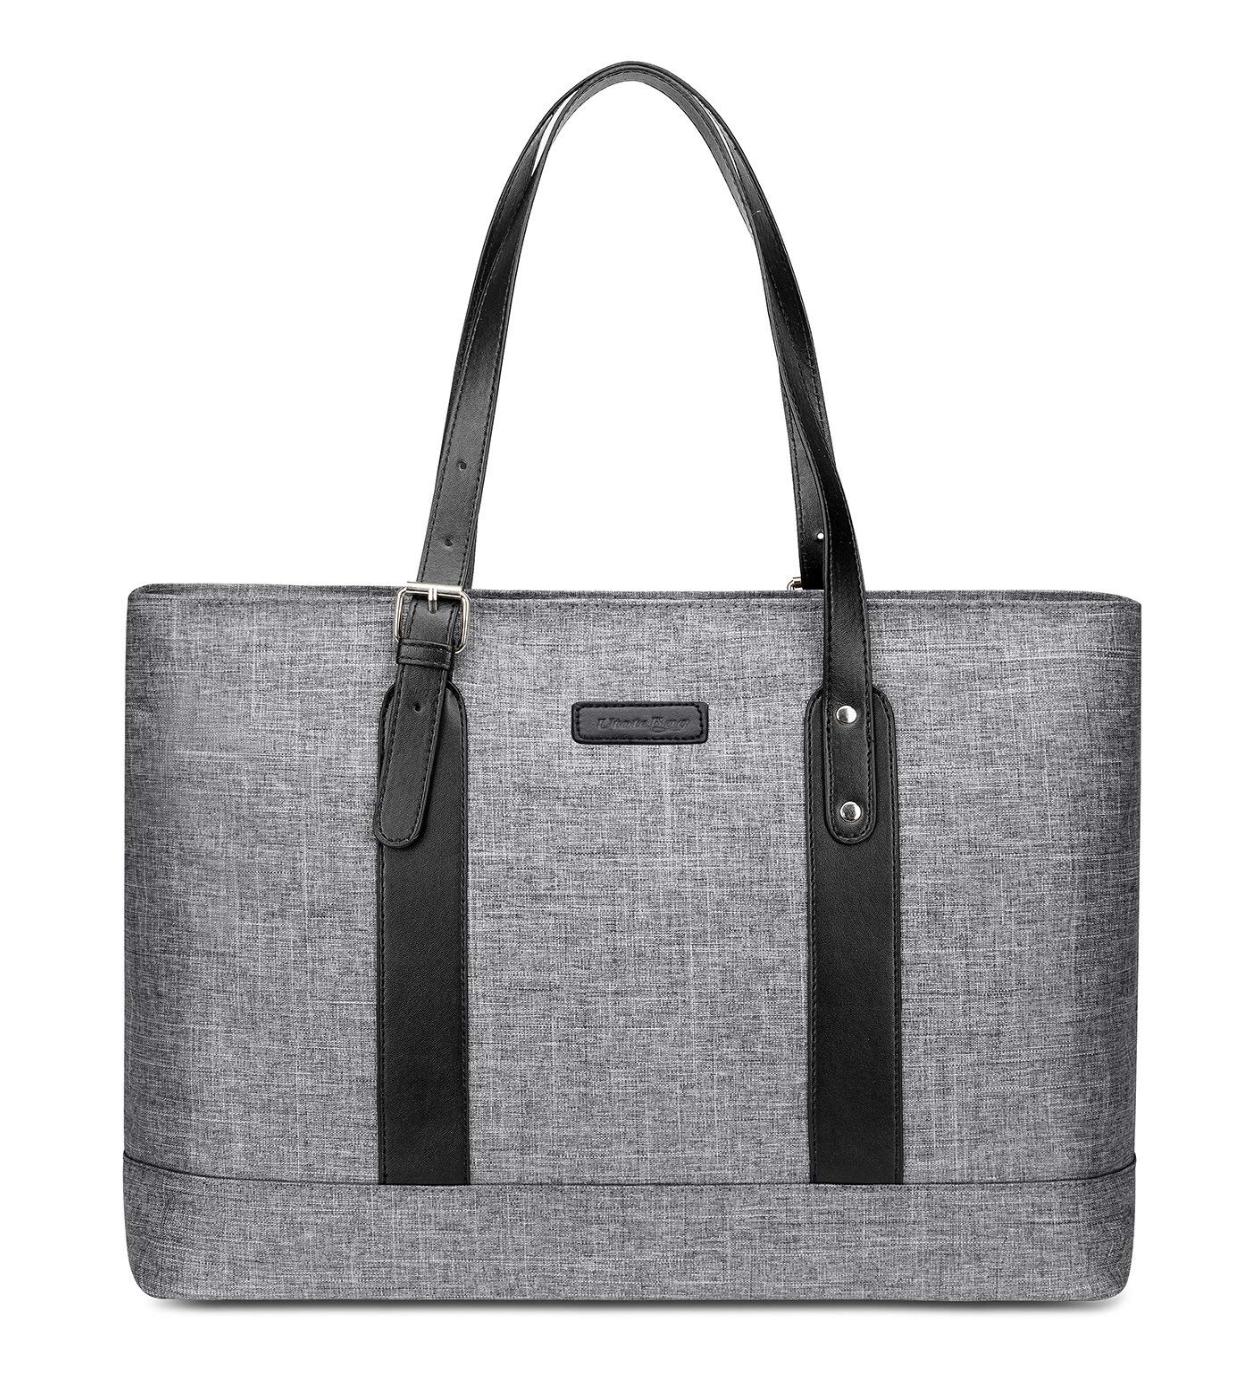 Utotebag Women Laptop Tote Bag, 15.6 Inch Notebook Ultrabook Shoulder Bag Lightweight Nylon Briefcase Classic Handbag Handle Adjustable Work Travel Business